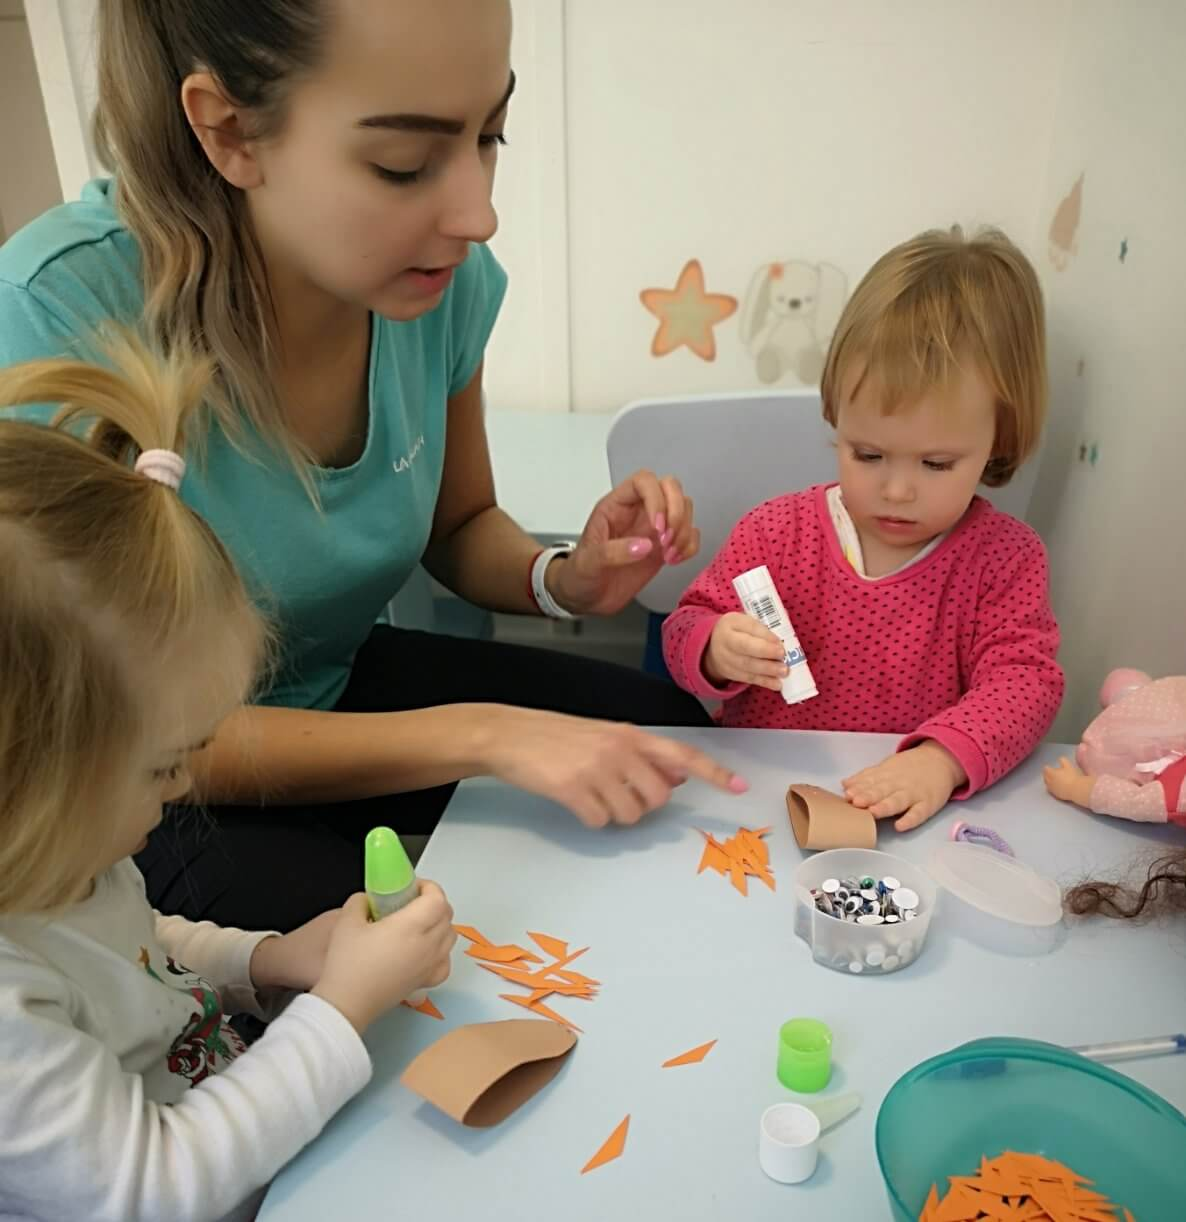 Ragasztásos foglalkozás a Züm-Züm Bölcsi Bornemissza utcai családi bölcsődében